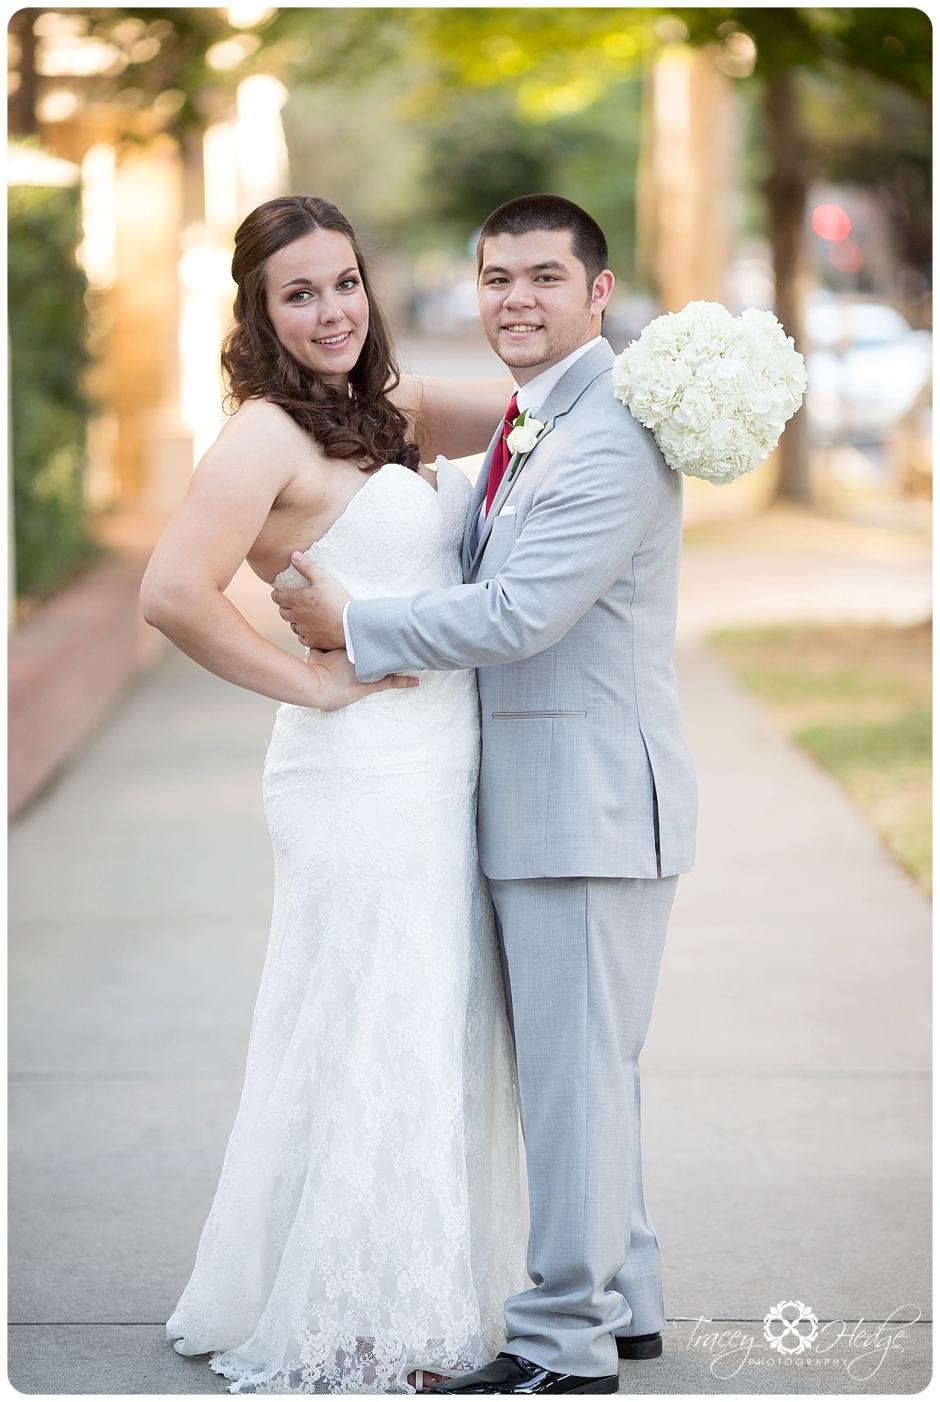 caleb and lauren Wedding at Sterling Hotel_0088.jpg